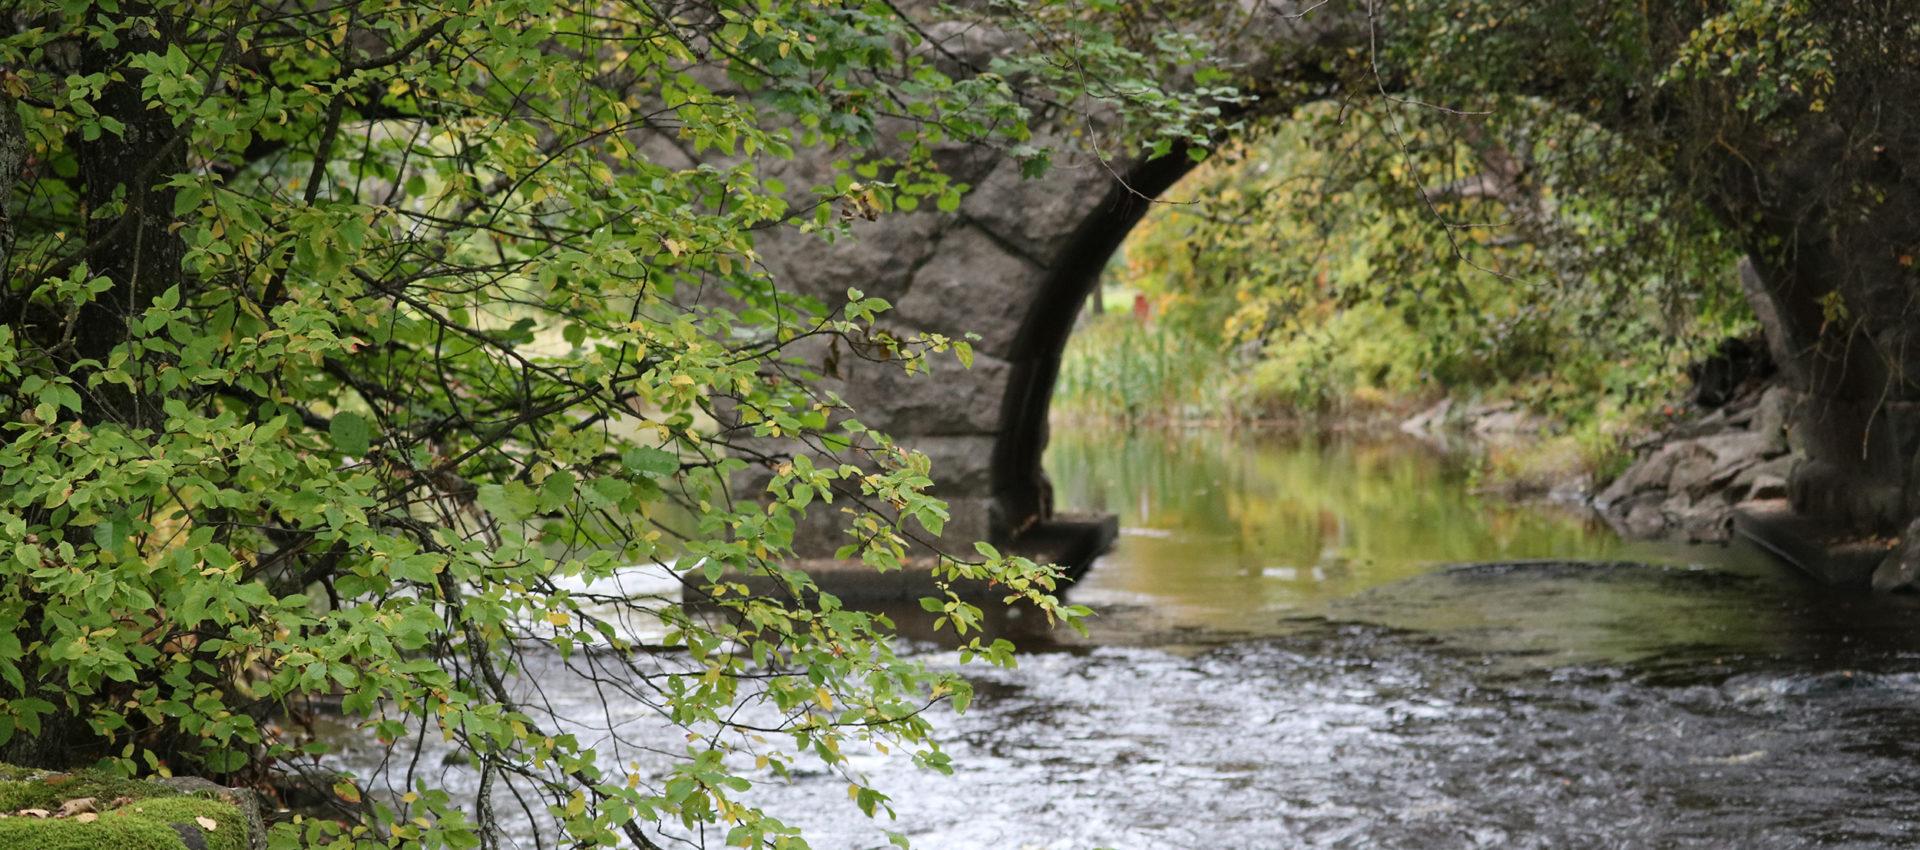 Kuvassa kaunis vanha silta, joka ylittää joen. Kuva on otettu Kuninkaantien reitin varrelta.